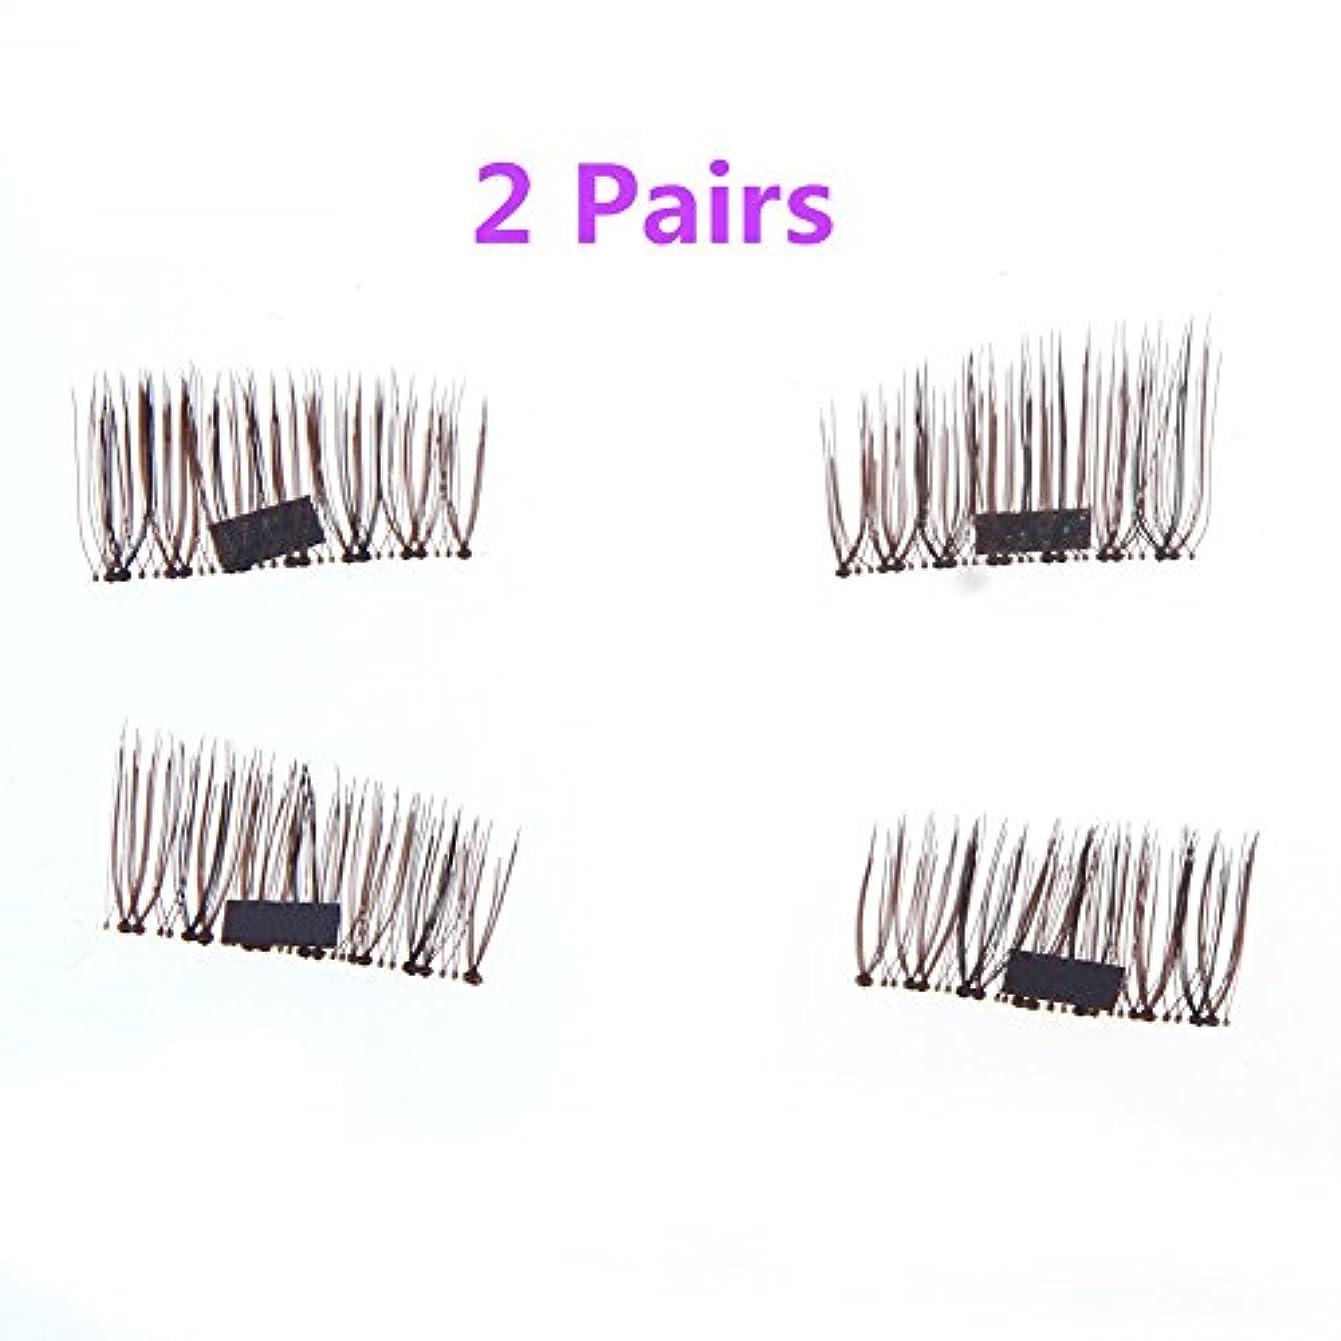 グレー候補者ナビゲーションCozyrom 2ペアセット つけまつげ 磁気 3D マグネット 付け睫毛 Magnet eyelashes 磁性 長い 再利用可能 濃密 簡単に装着 手作り